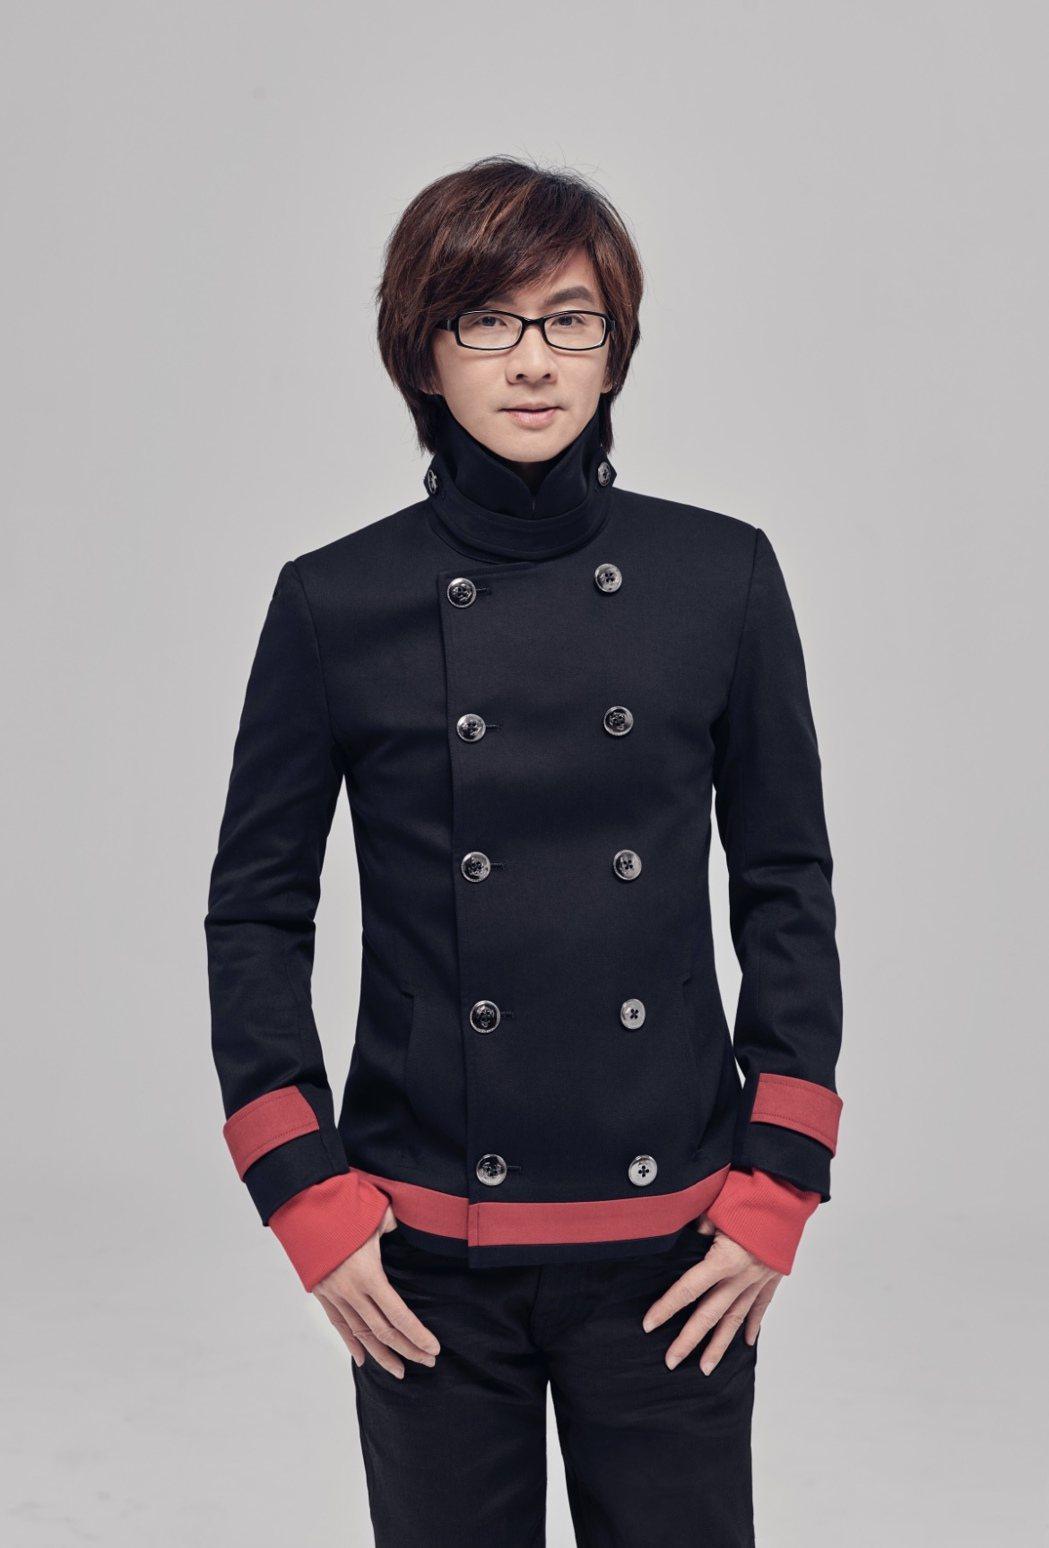 林隆璇出道35年,保養得當根本凍齡。圖/青田音樂提供